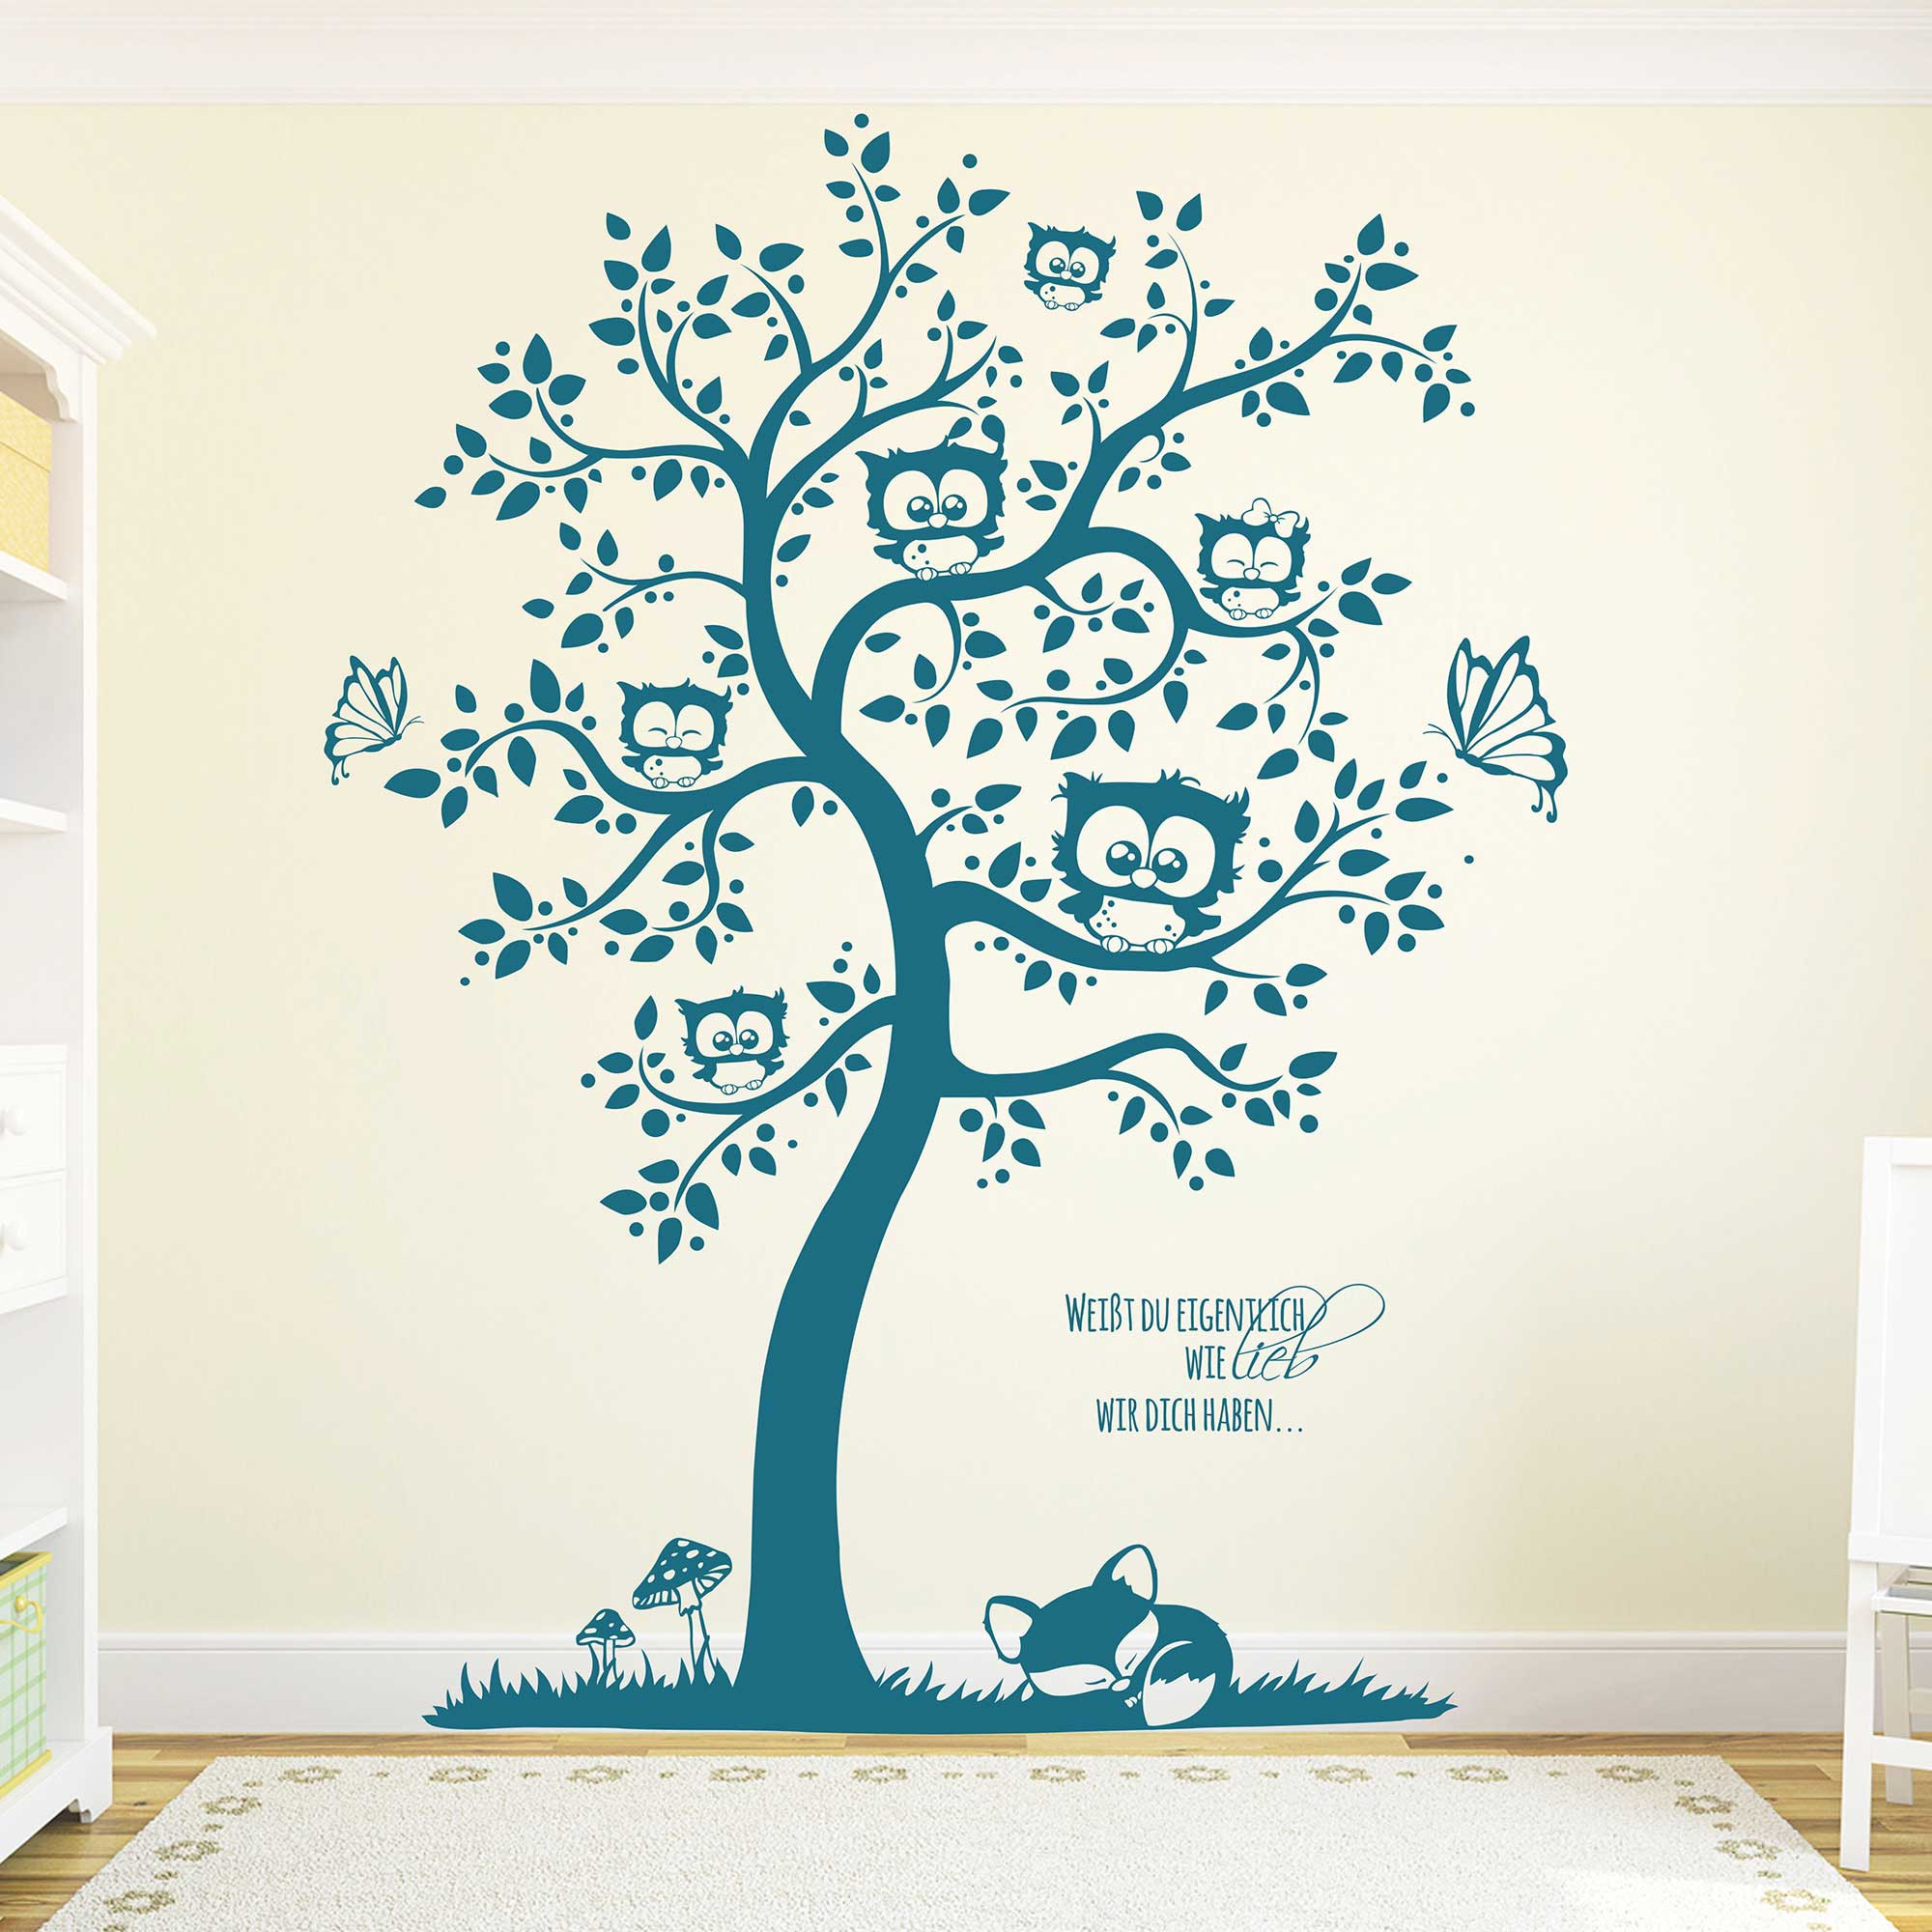 Wandtattoo eulenbaum eulen mit wunschnamen schmetterlinge - Wandtattoo eulenbaum ...